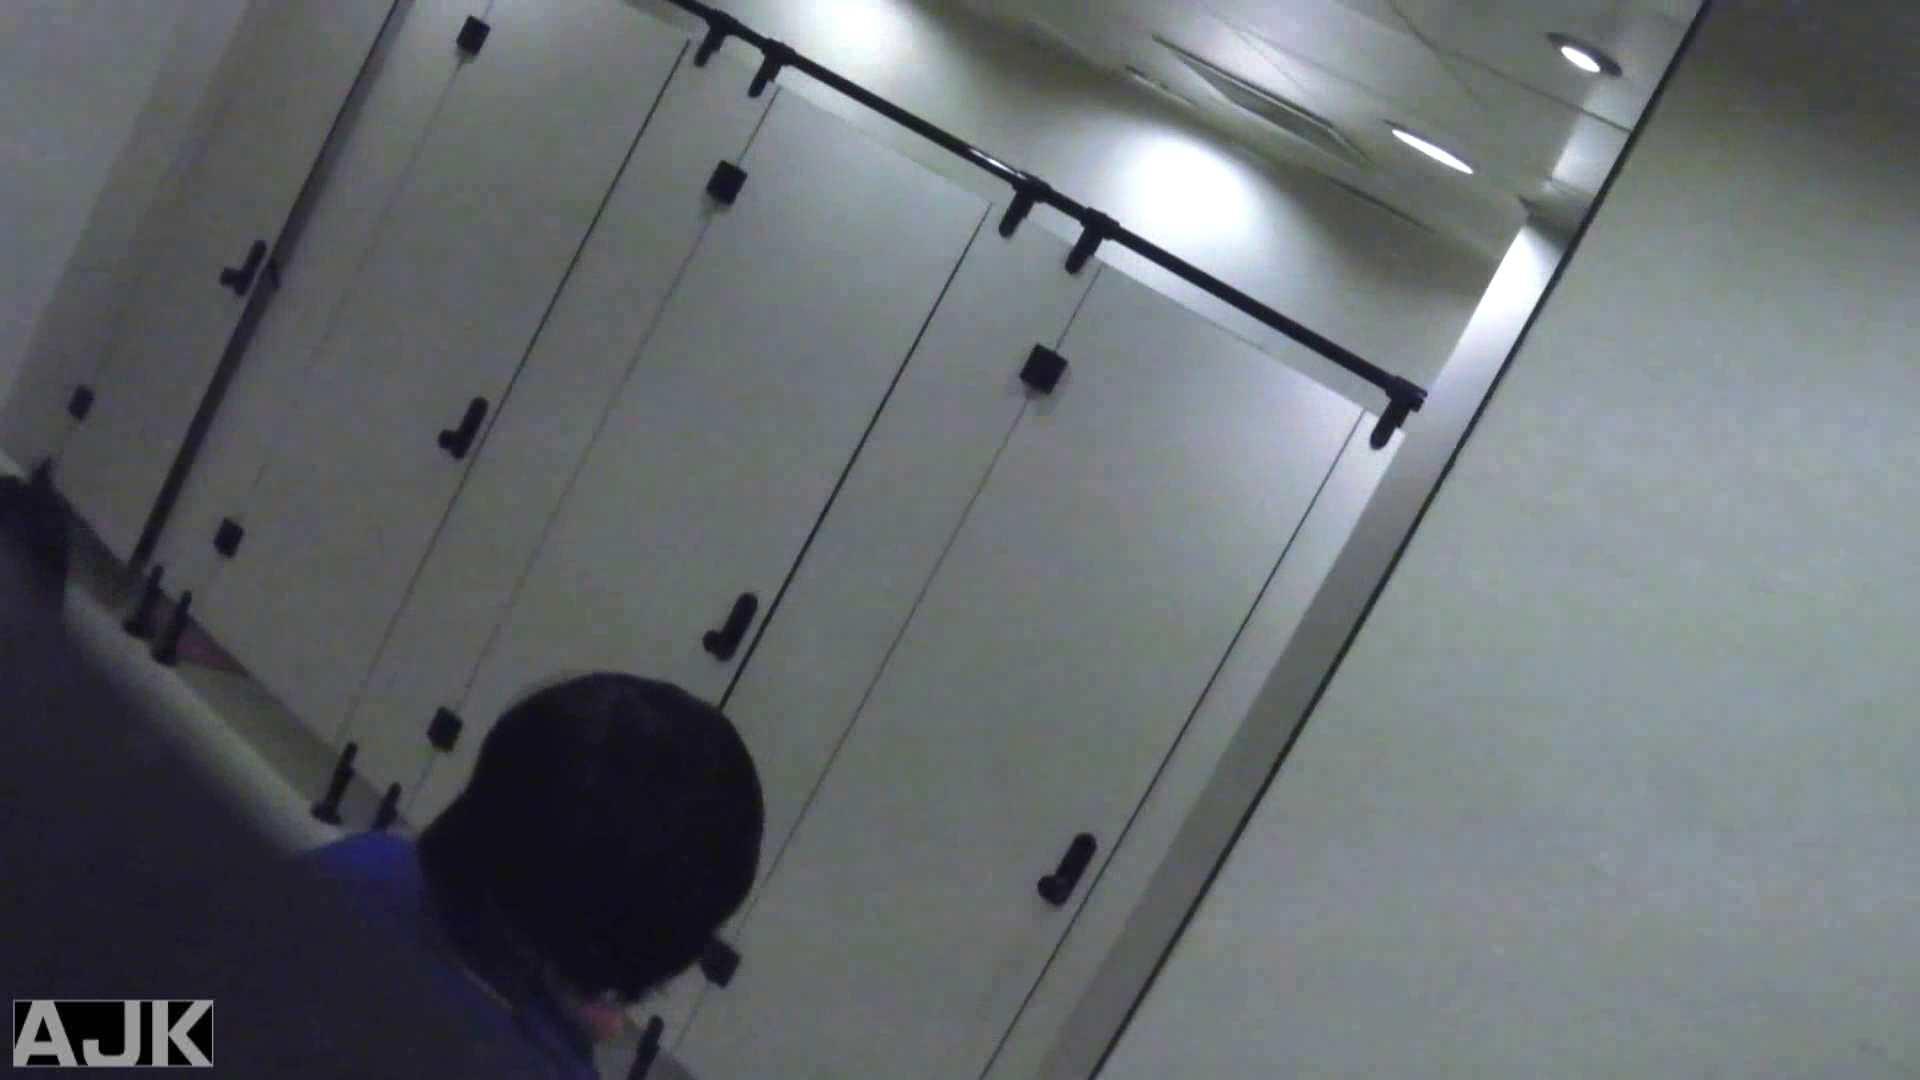 神降臨!史上最強の潜入かわや! vol.30 無修正マンコ 濡れ場動画紹介 82連発 31